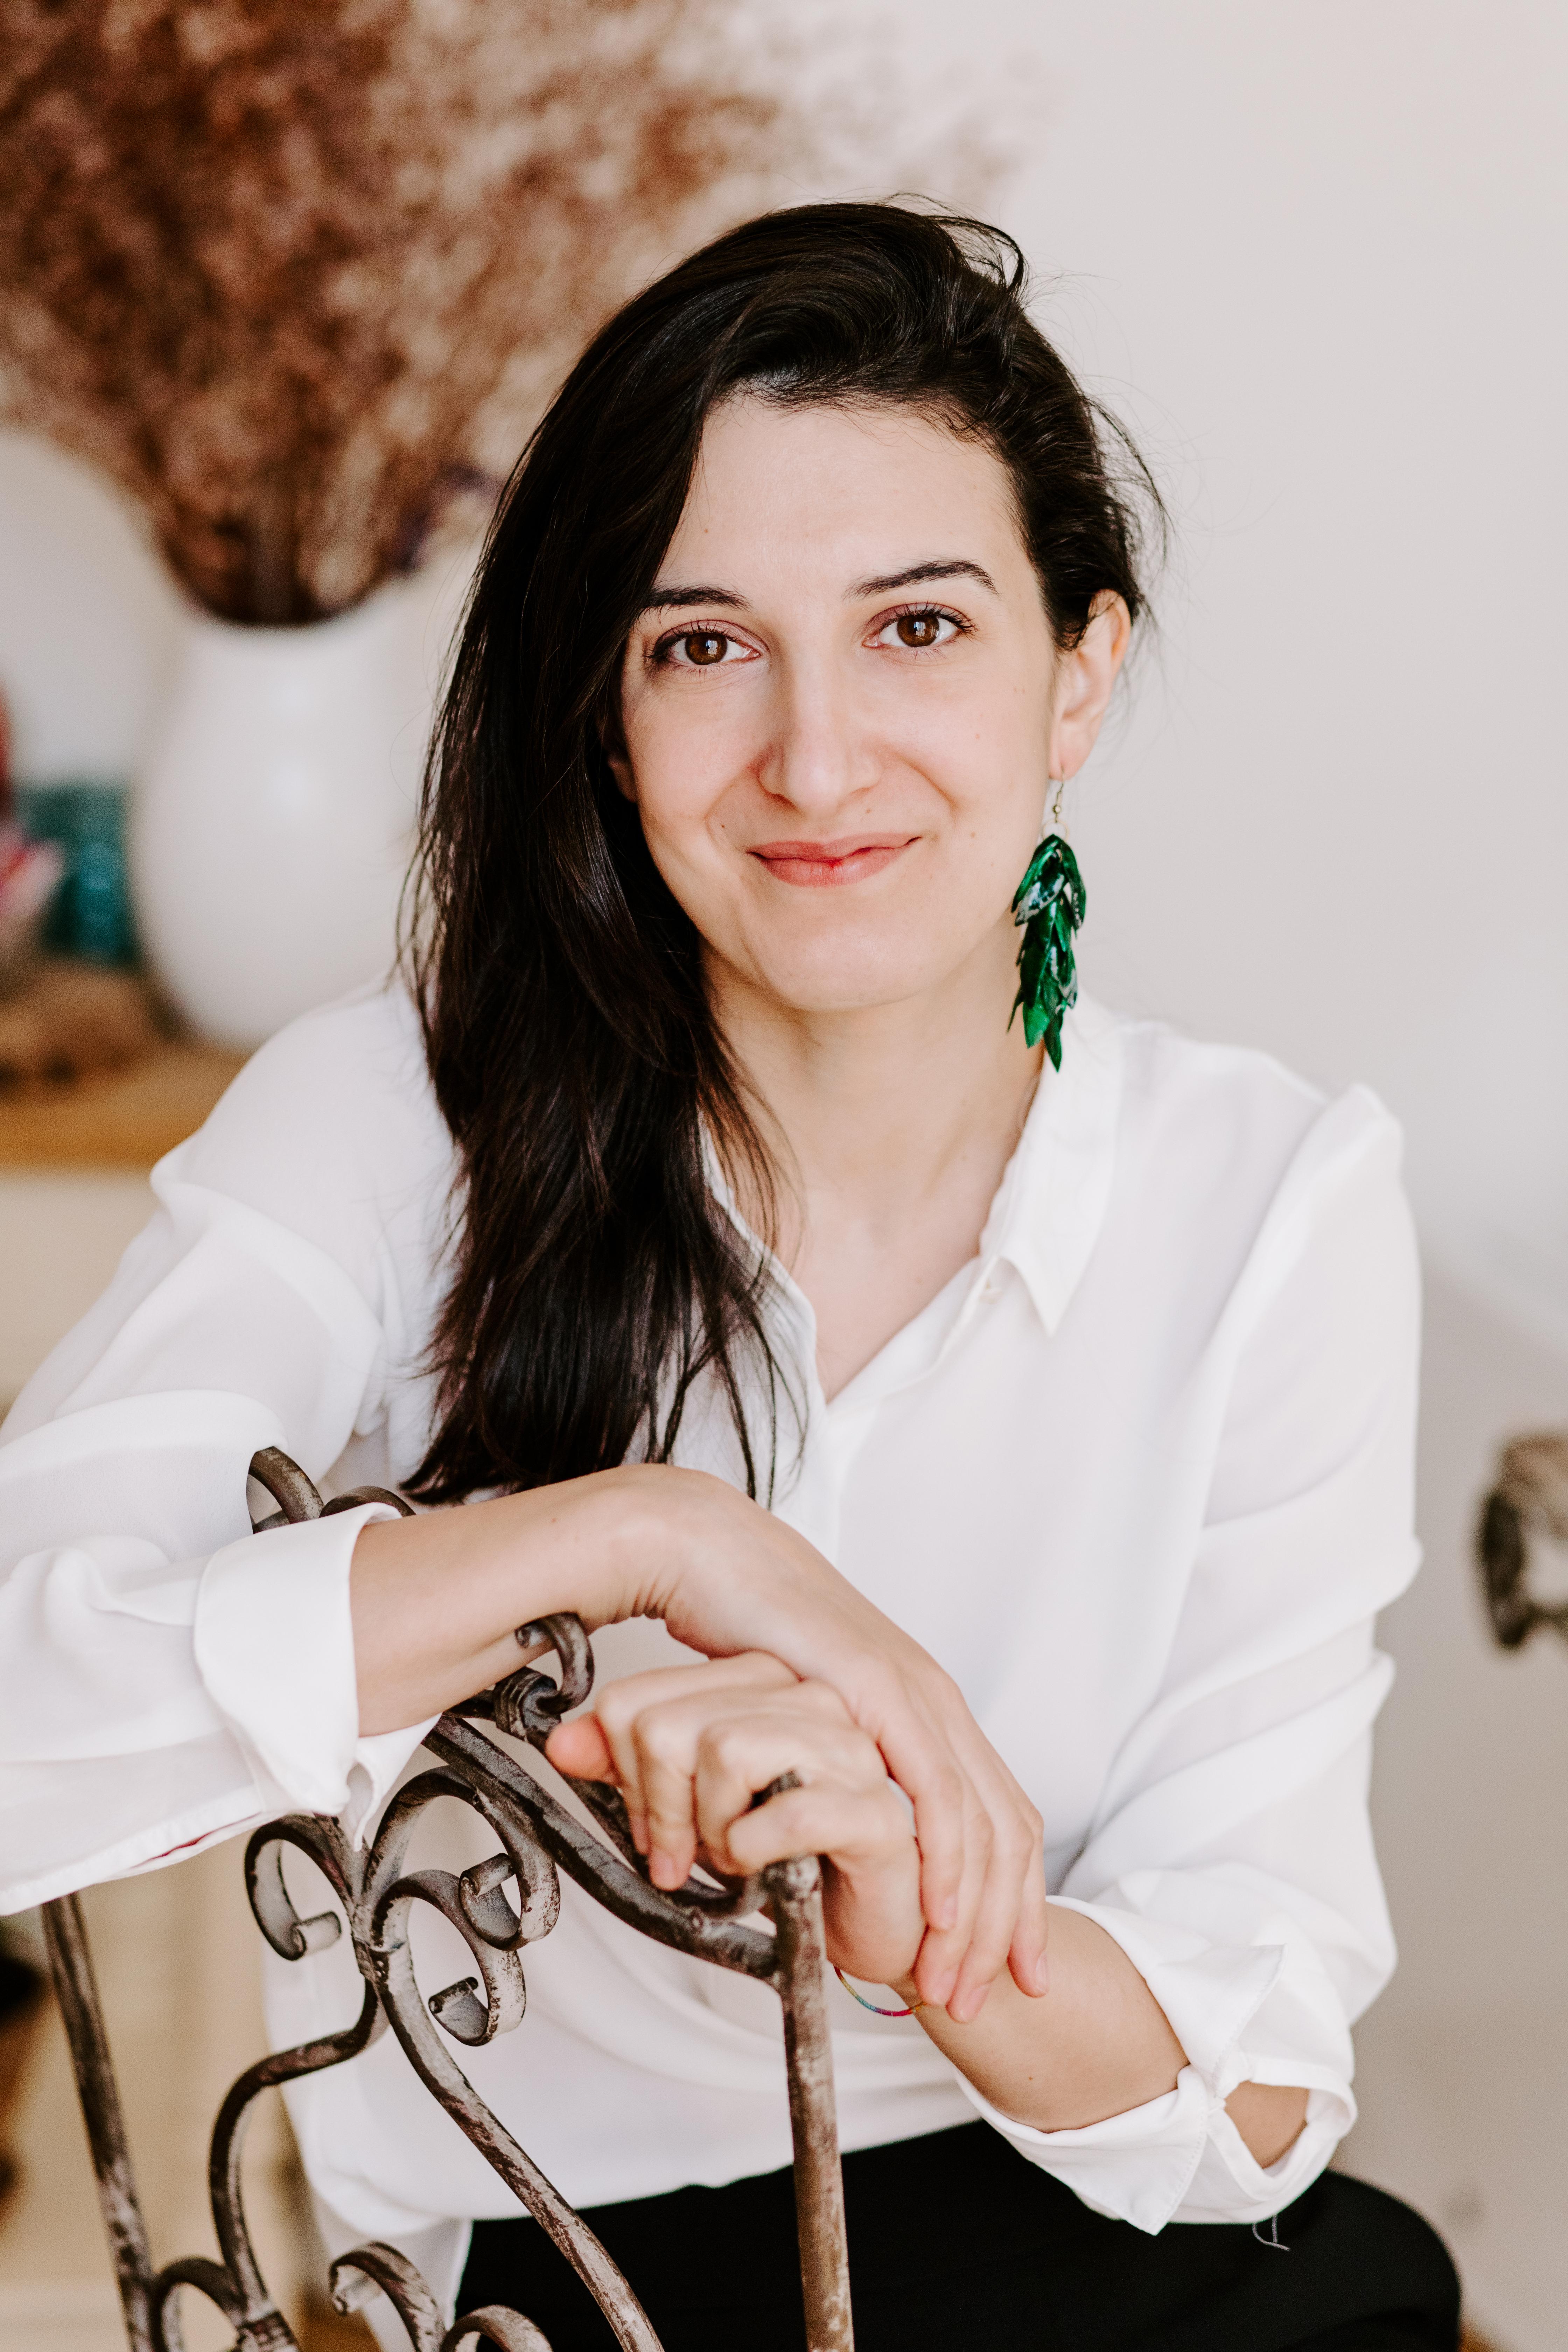 Giulia Monducci 2019/3/1-2019/5/1